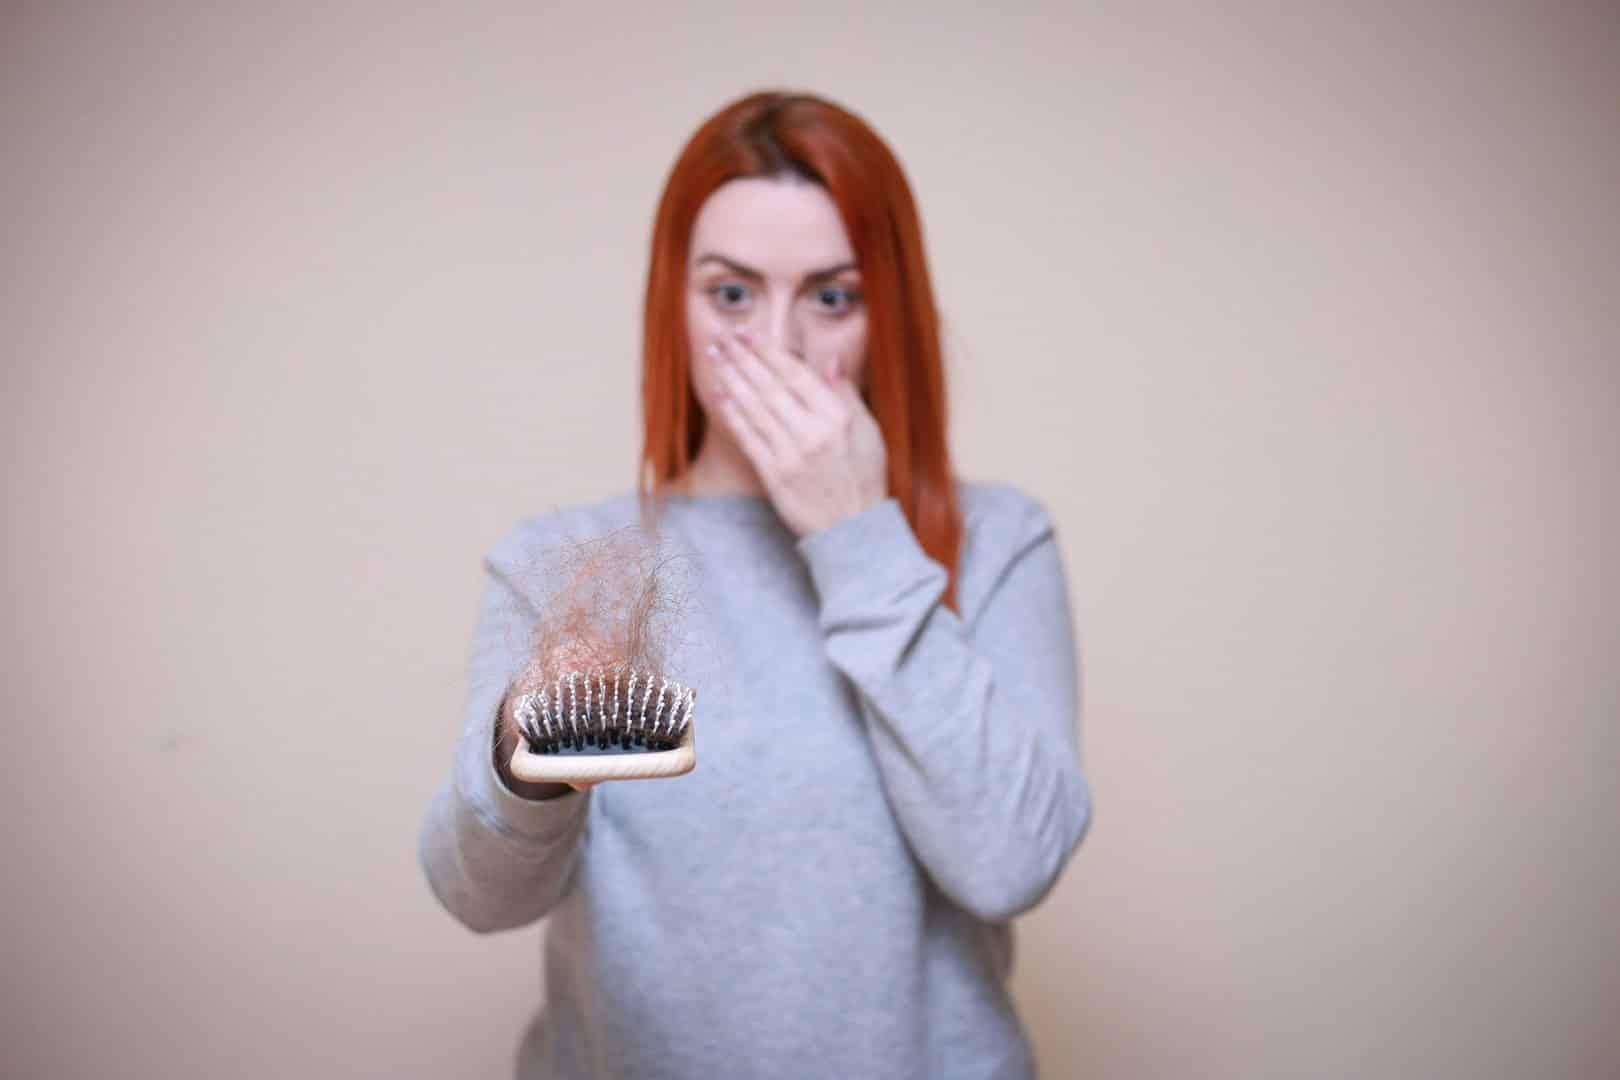 Une femme tenant une brosse avec une masse de cheveux dessus